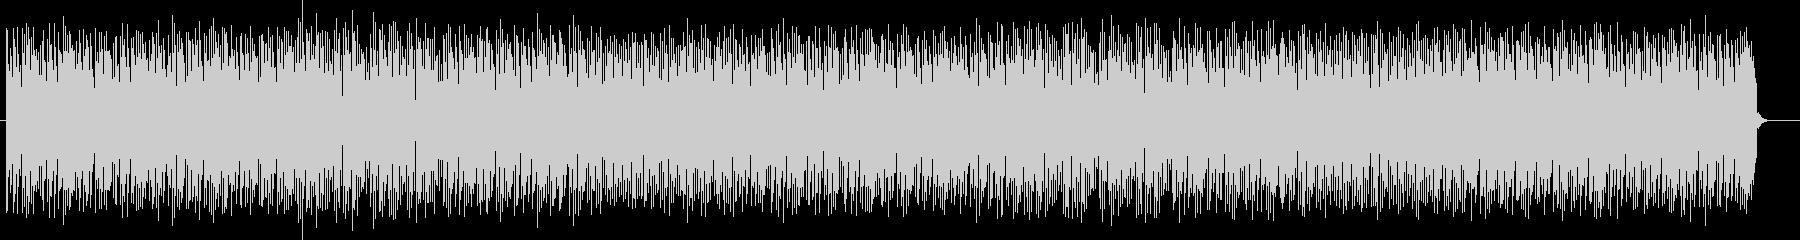 アップテンポでユニークな曲の未再生の波形